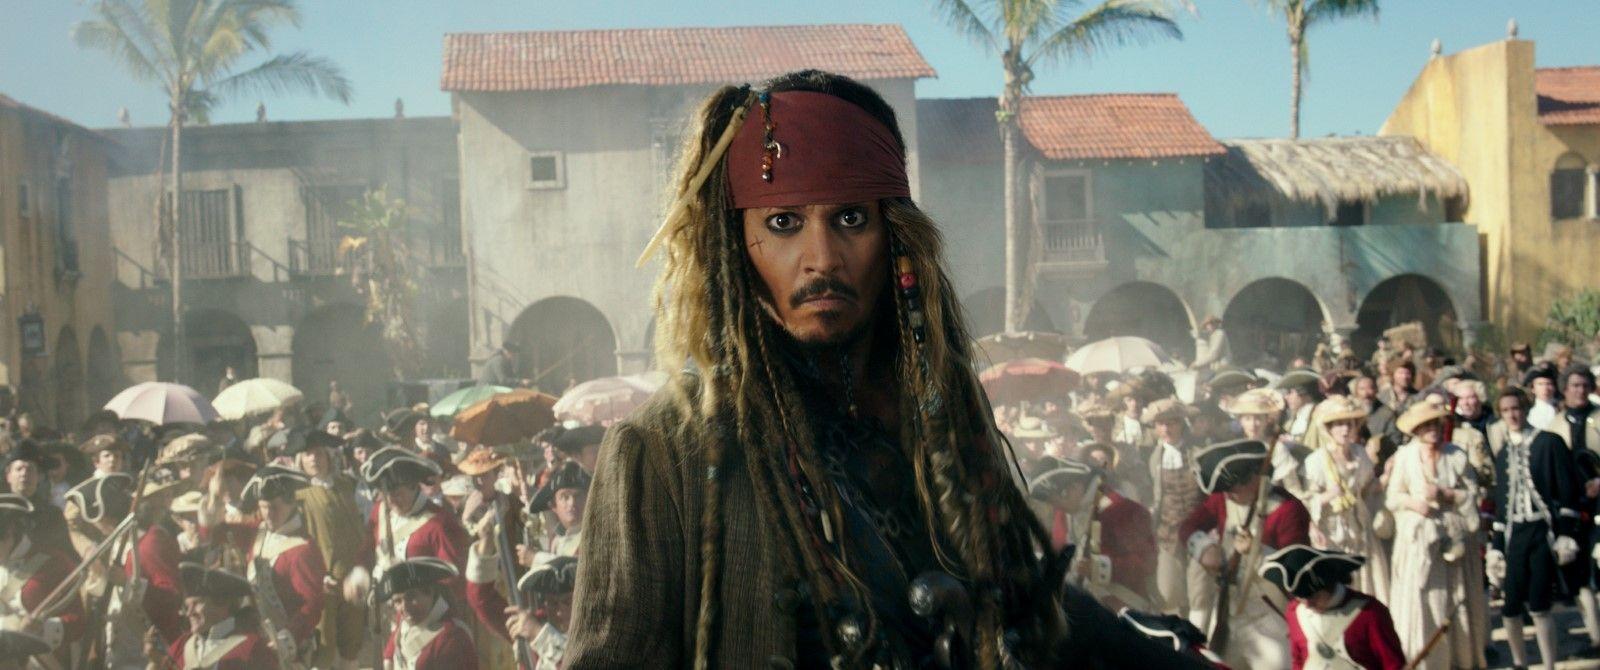 Ce soir à la TV : Pirates des Caraïbes la Vengeance de Salazar